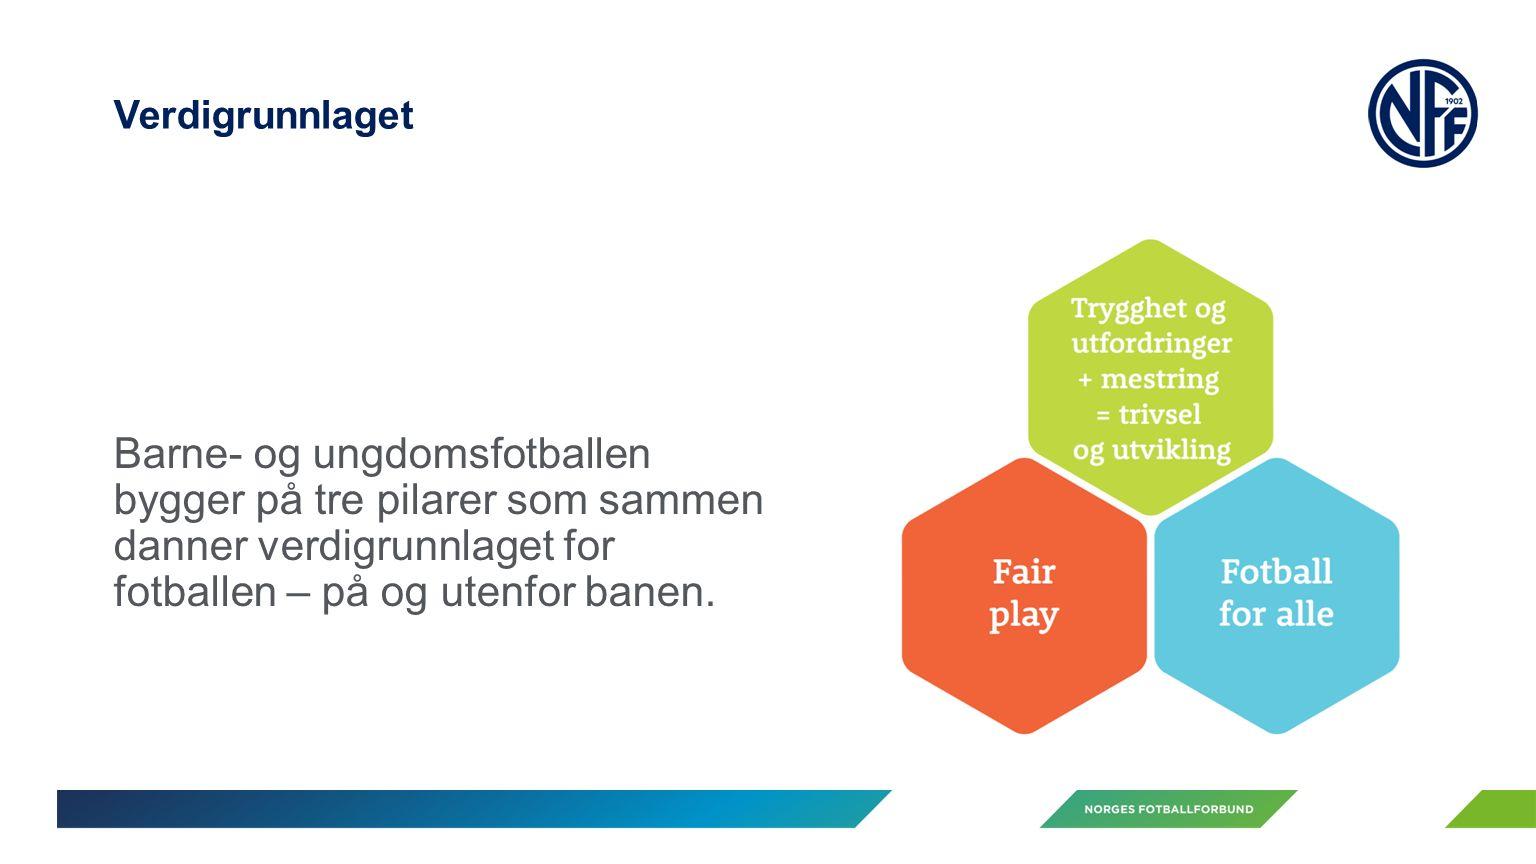 Barne- og ungdomsfotballen bygger på tre pilarer som sammen danner verdigrunnlaget for fotballen – på og utenfor banen.